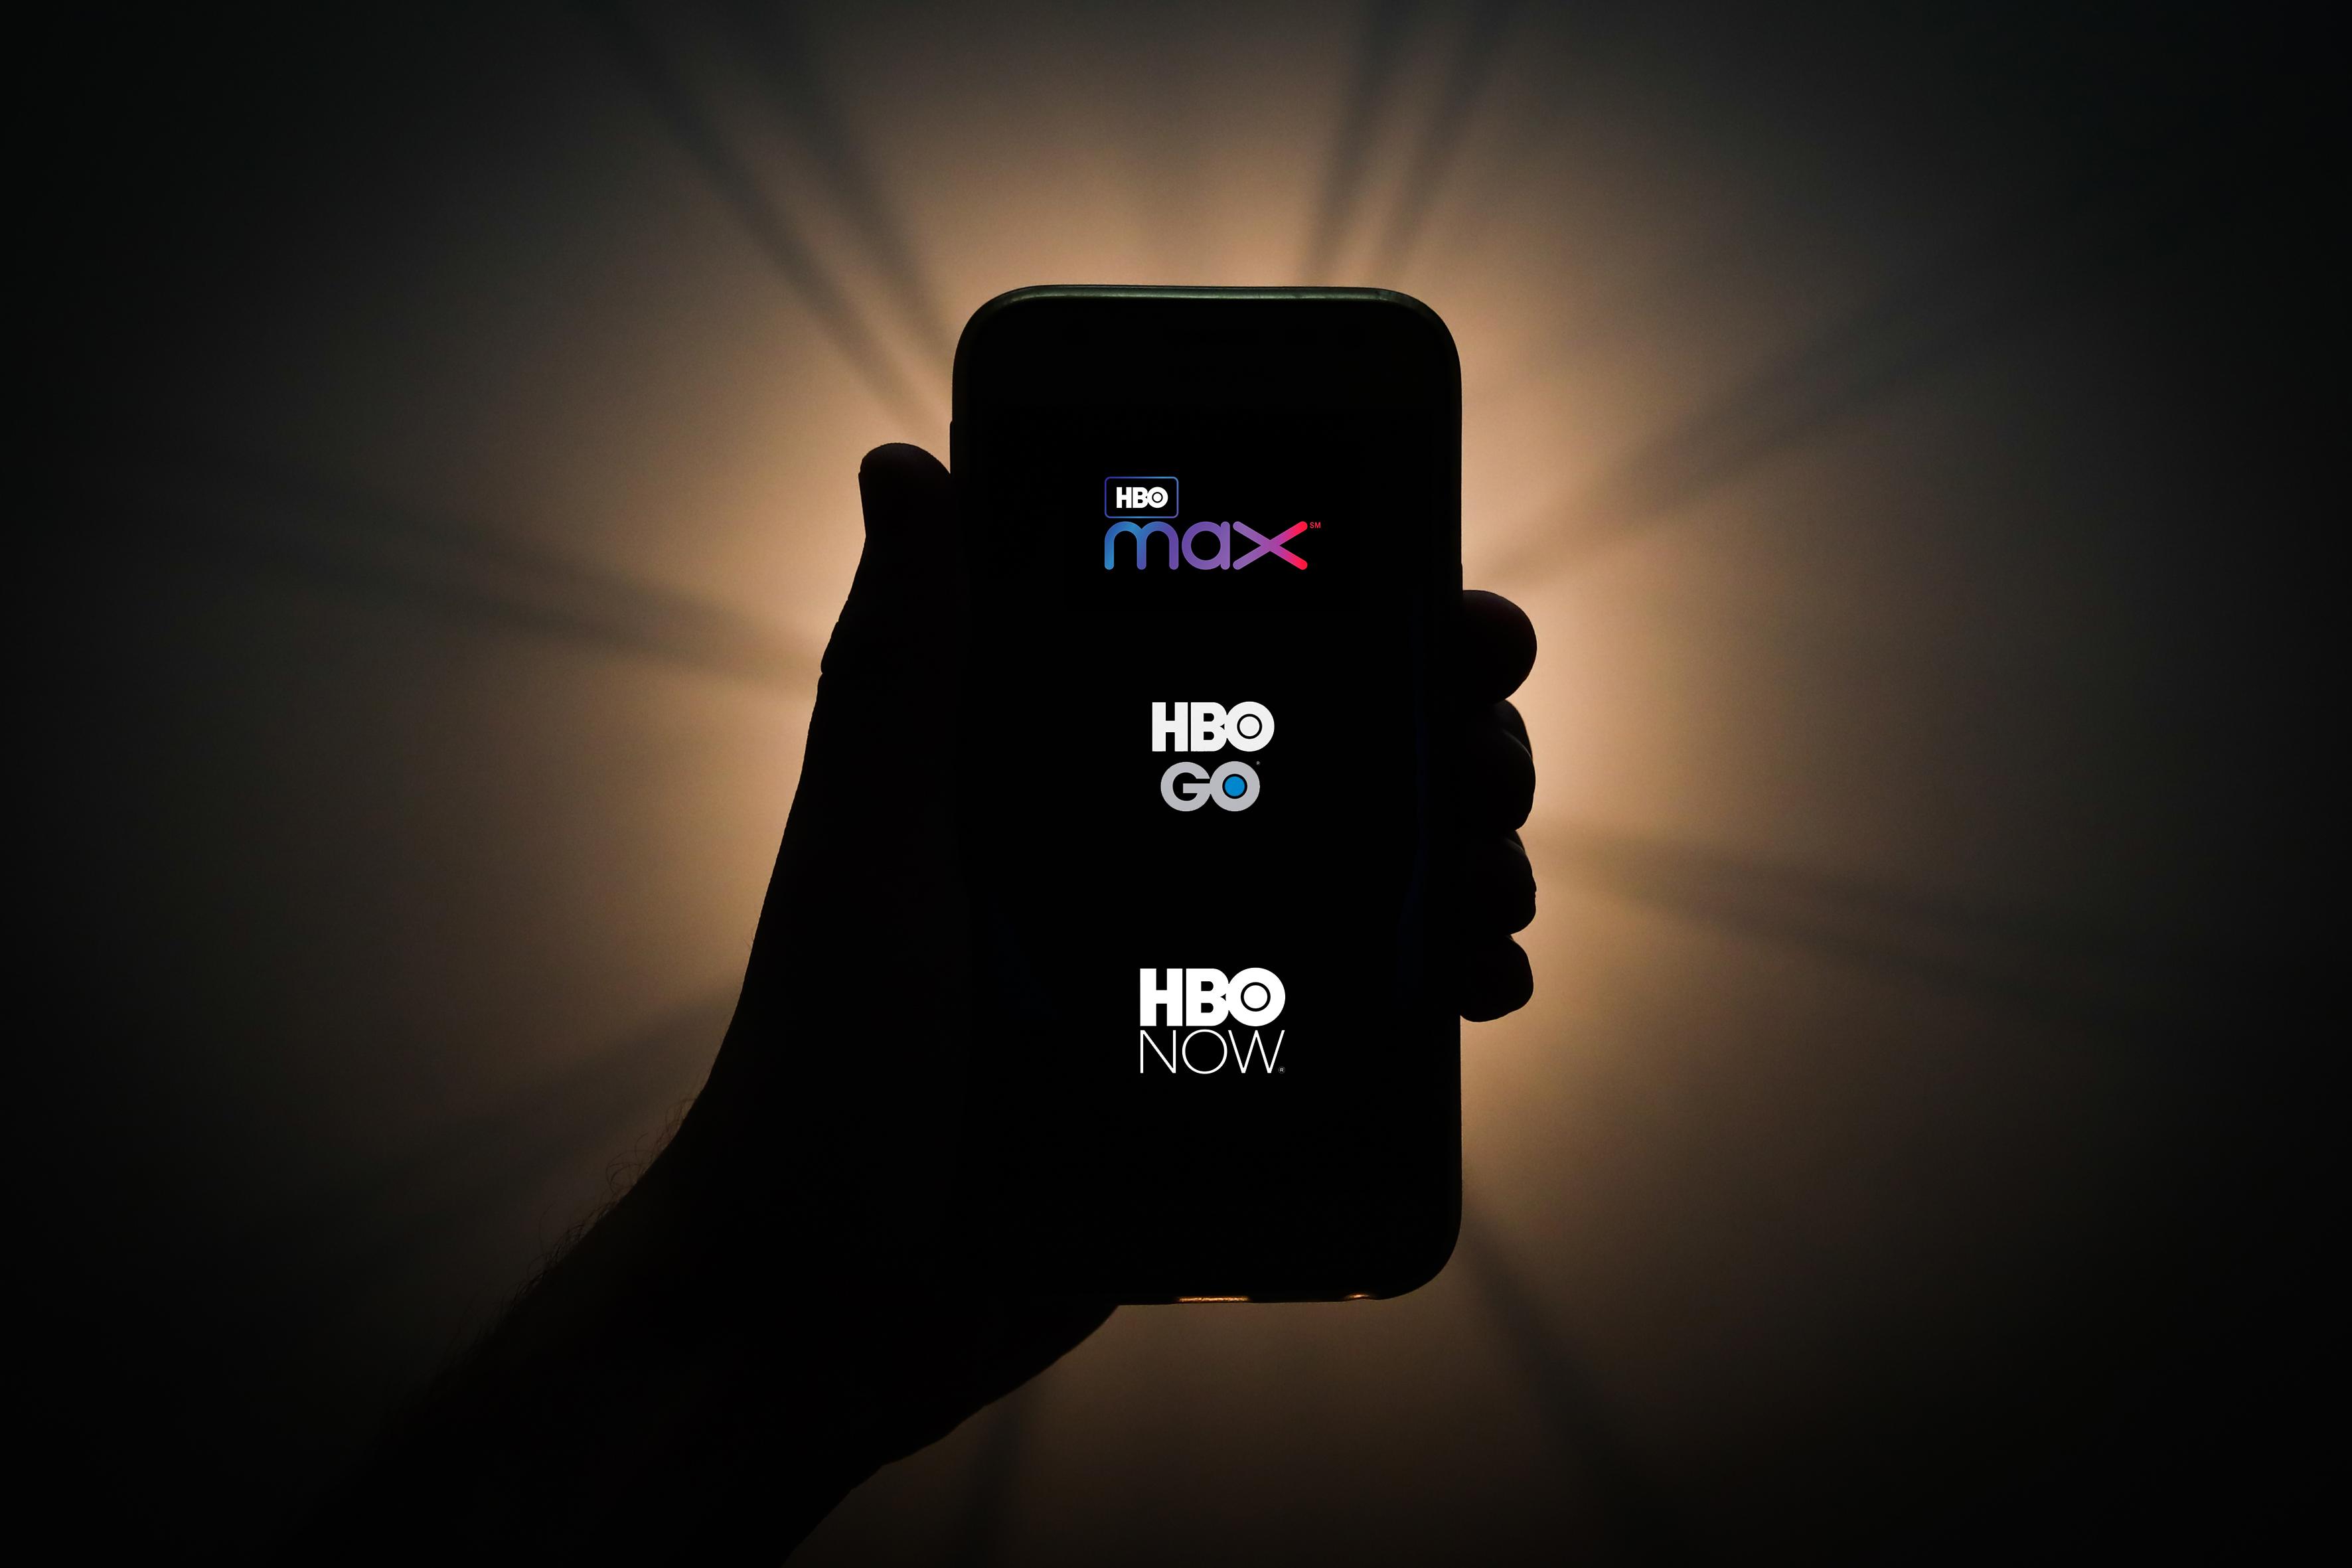 que-pasara-con-hbo-max-si-eres-suscriptor-de-hbo-go